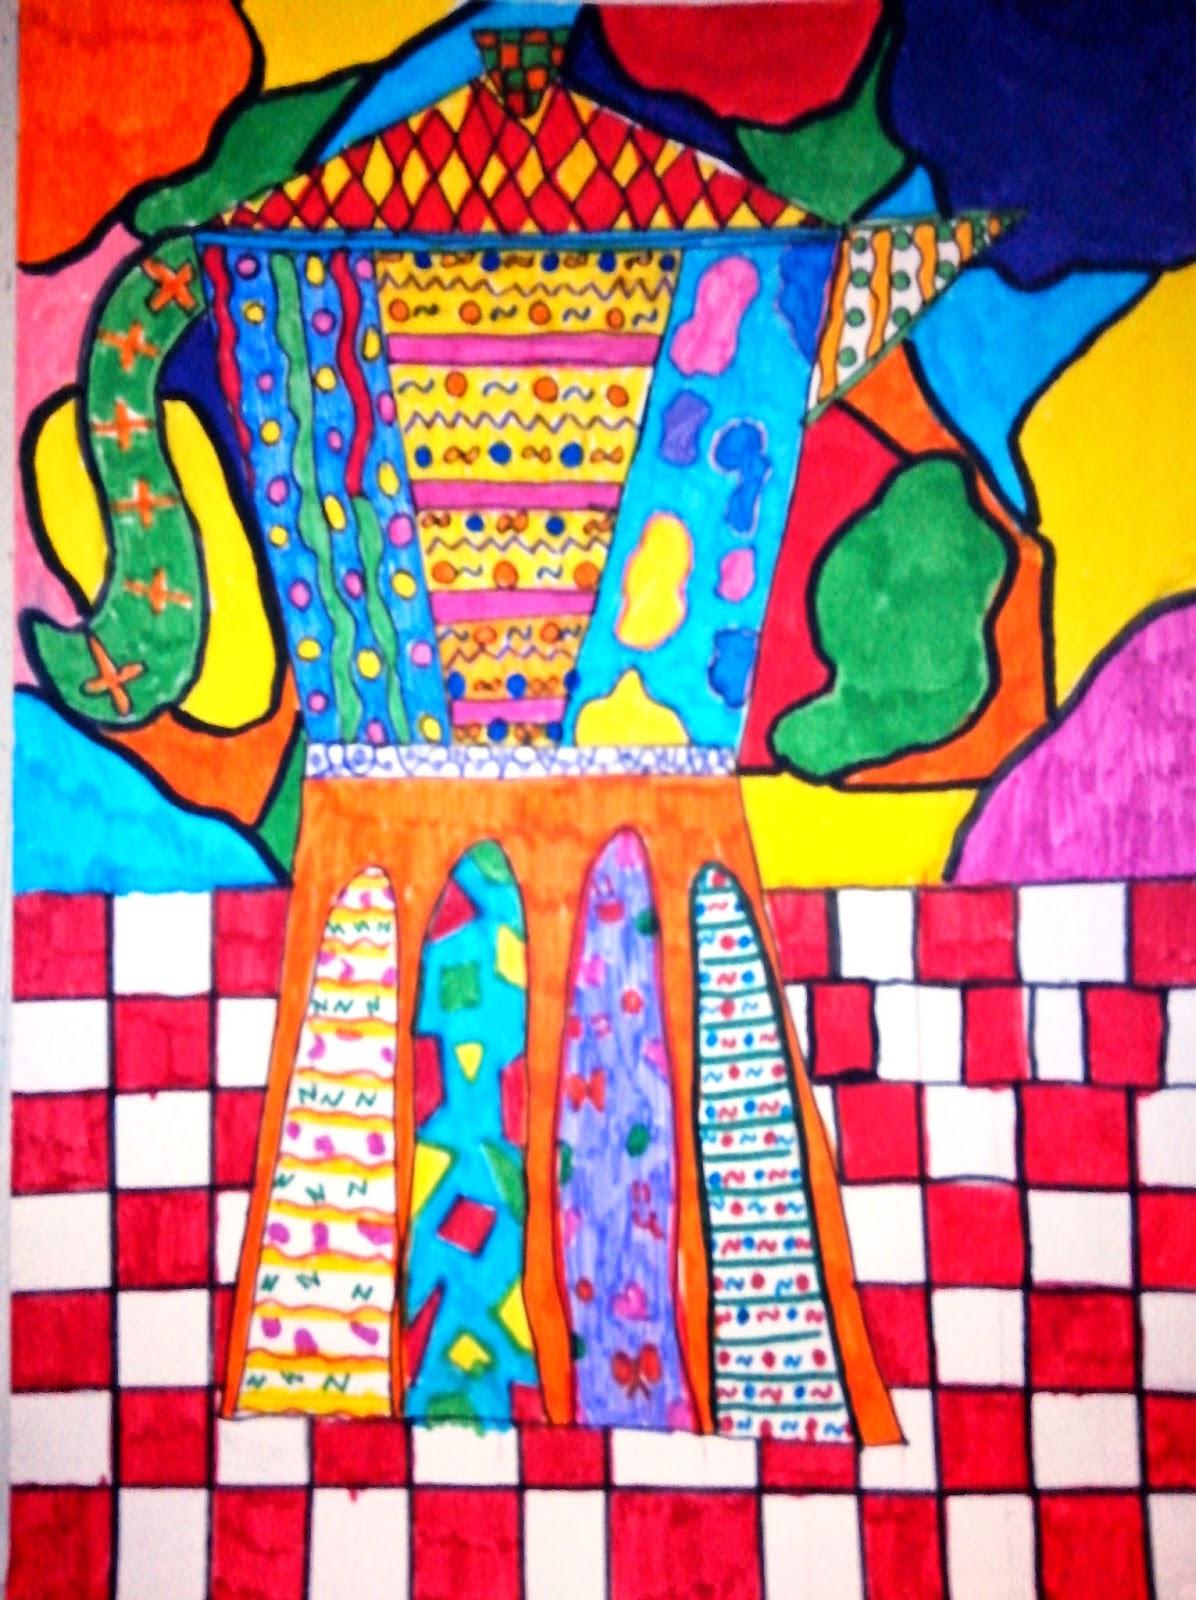 Conosciuto GET-SMART-MAKE-ART un blog di arte a scuola della prof. ARDEMAGNI  IZ62